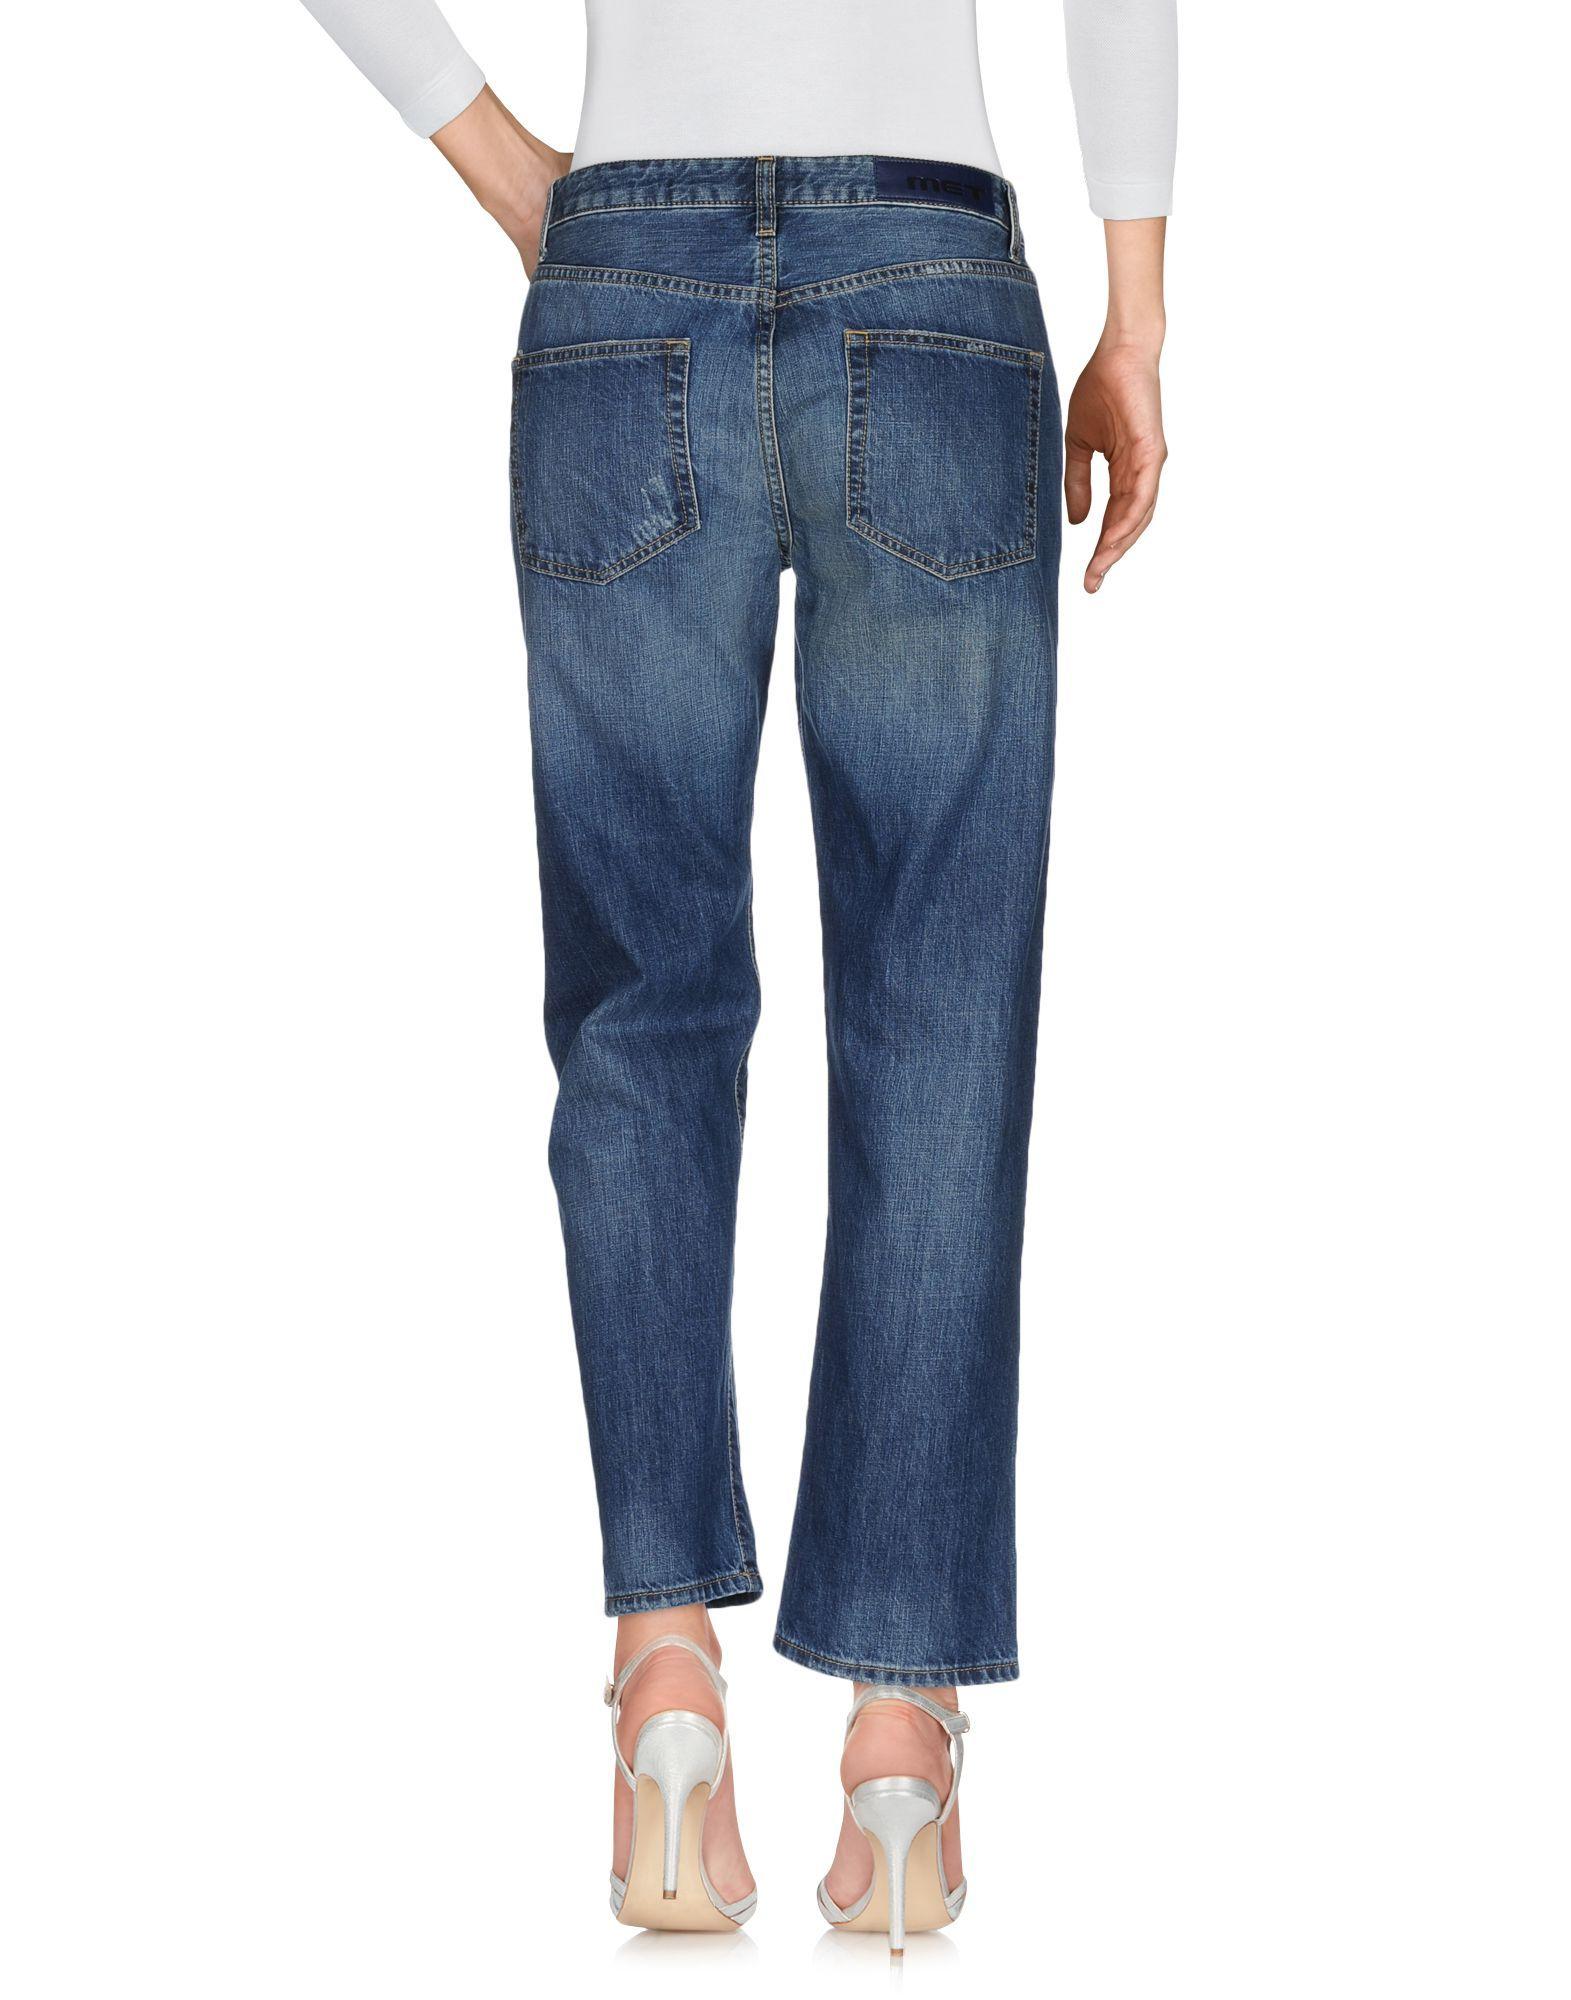 Polo Ralph Lauren Blue Cotton Jeans